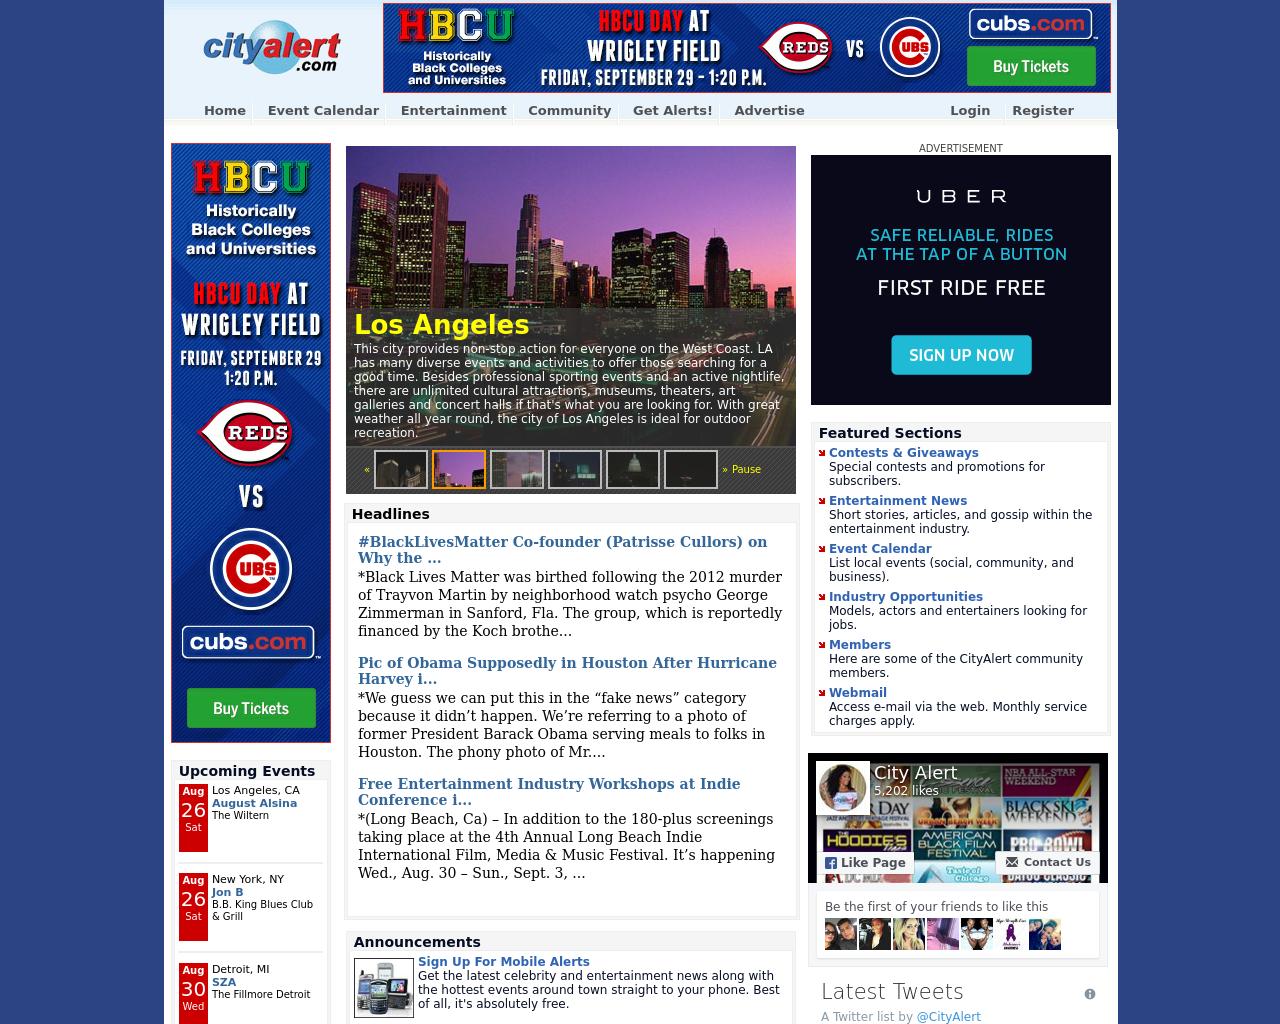 cityalert.com-Advertising-Reviews-Pricing